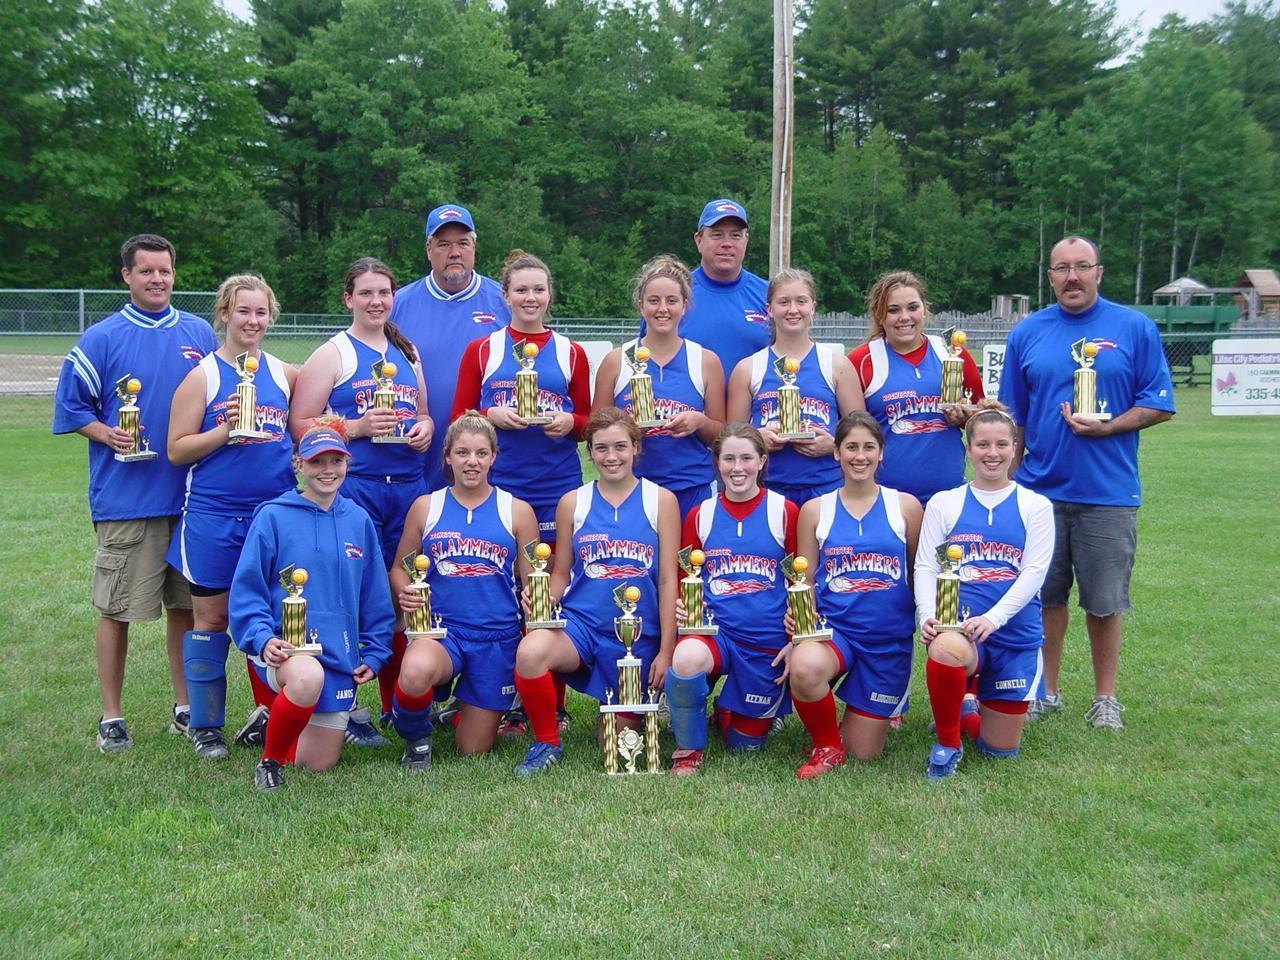 2008 Classic Champs!